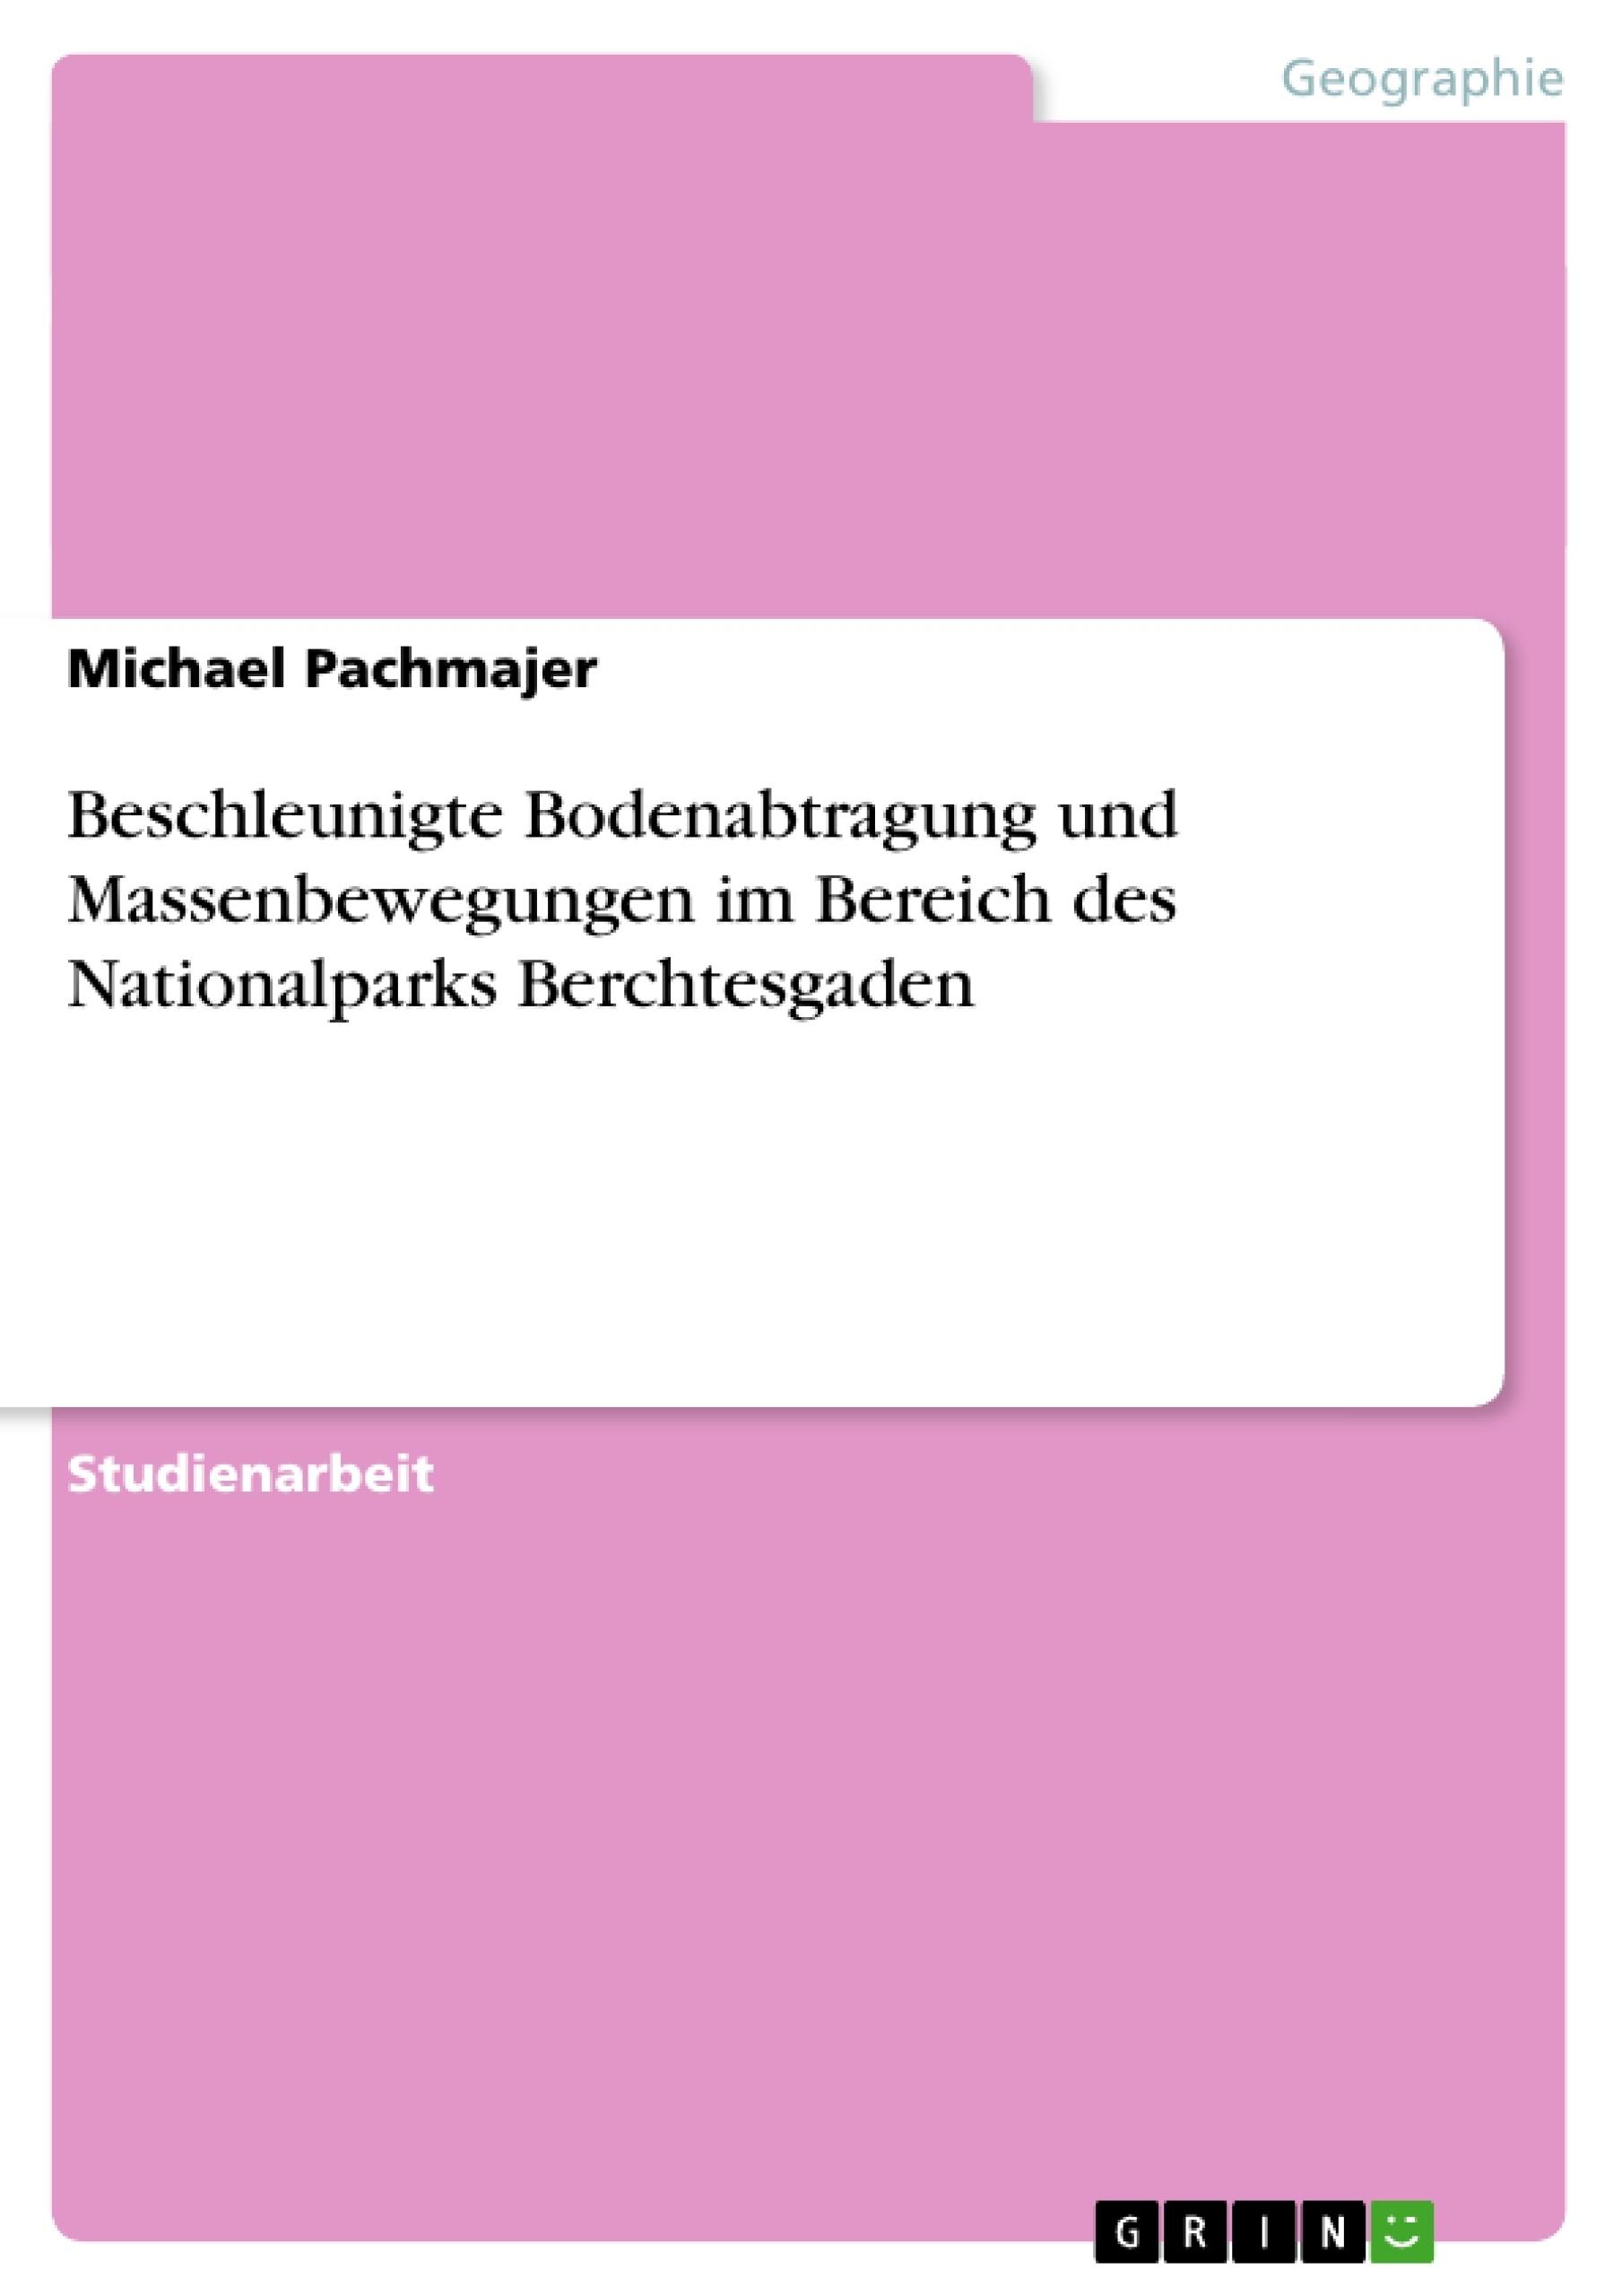 Titel: Beschleunigte Bodenabtragung und Massenbewegungen im Bereich des Nationalparks Berchtesgaden